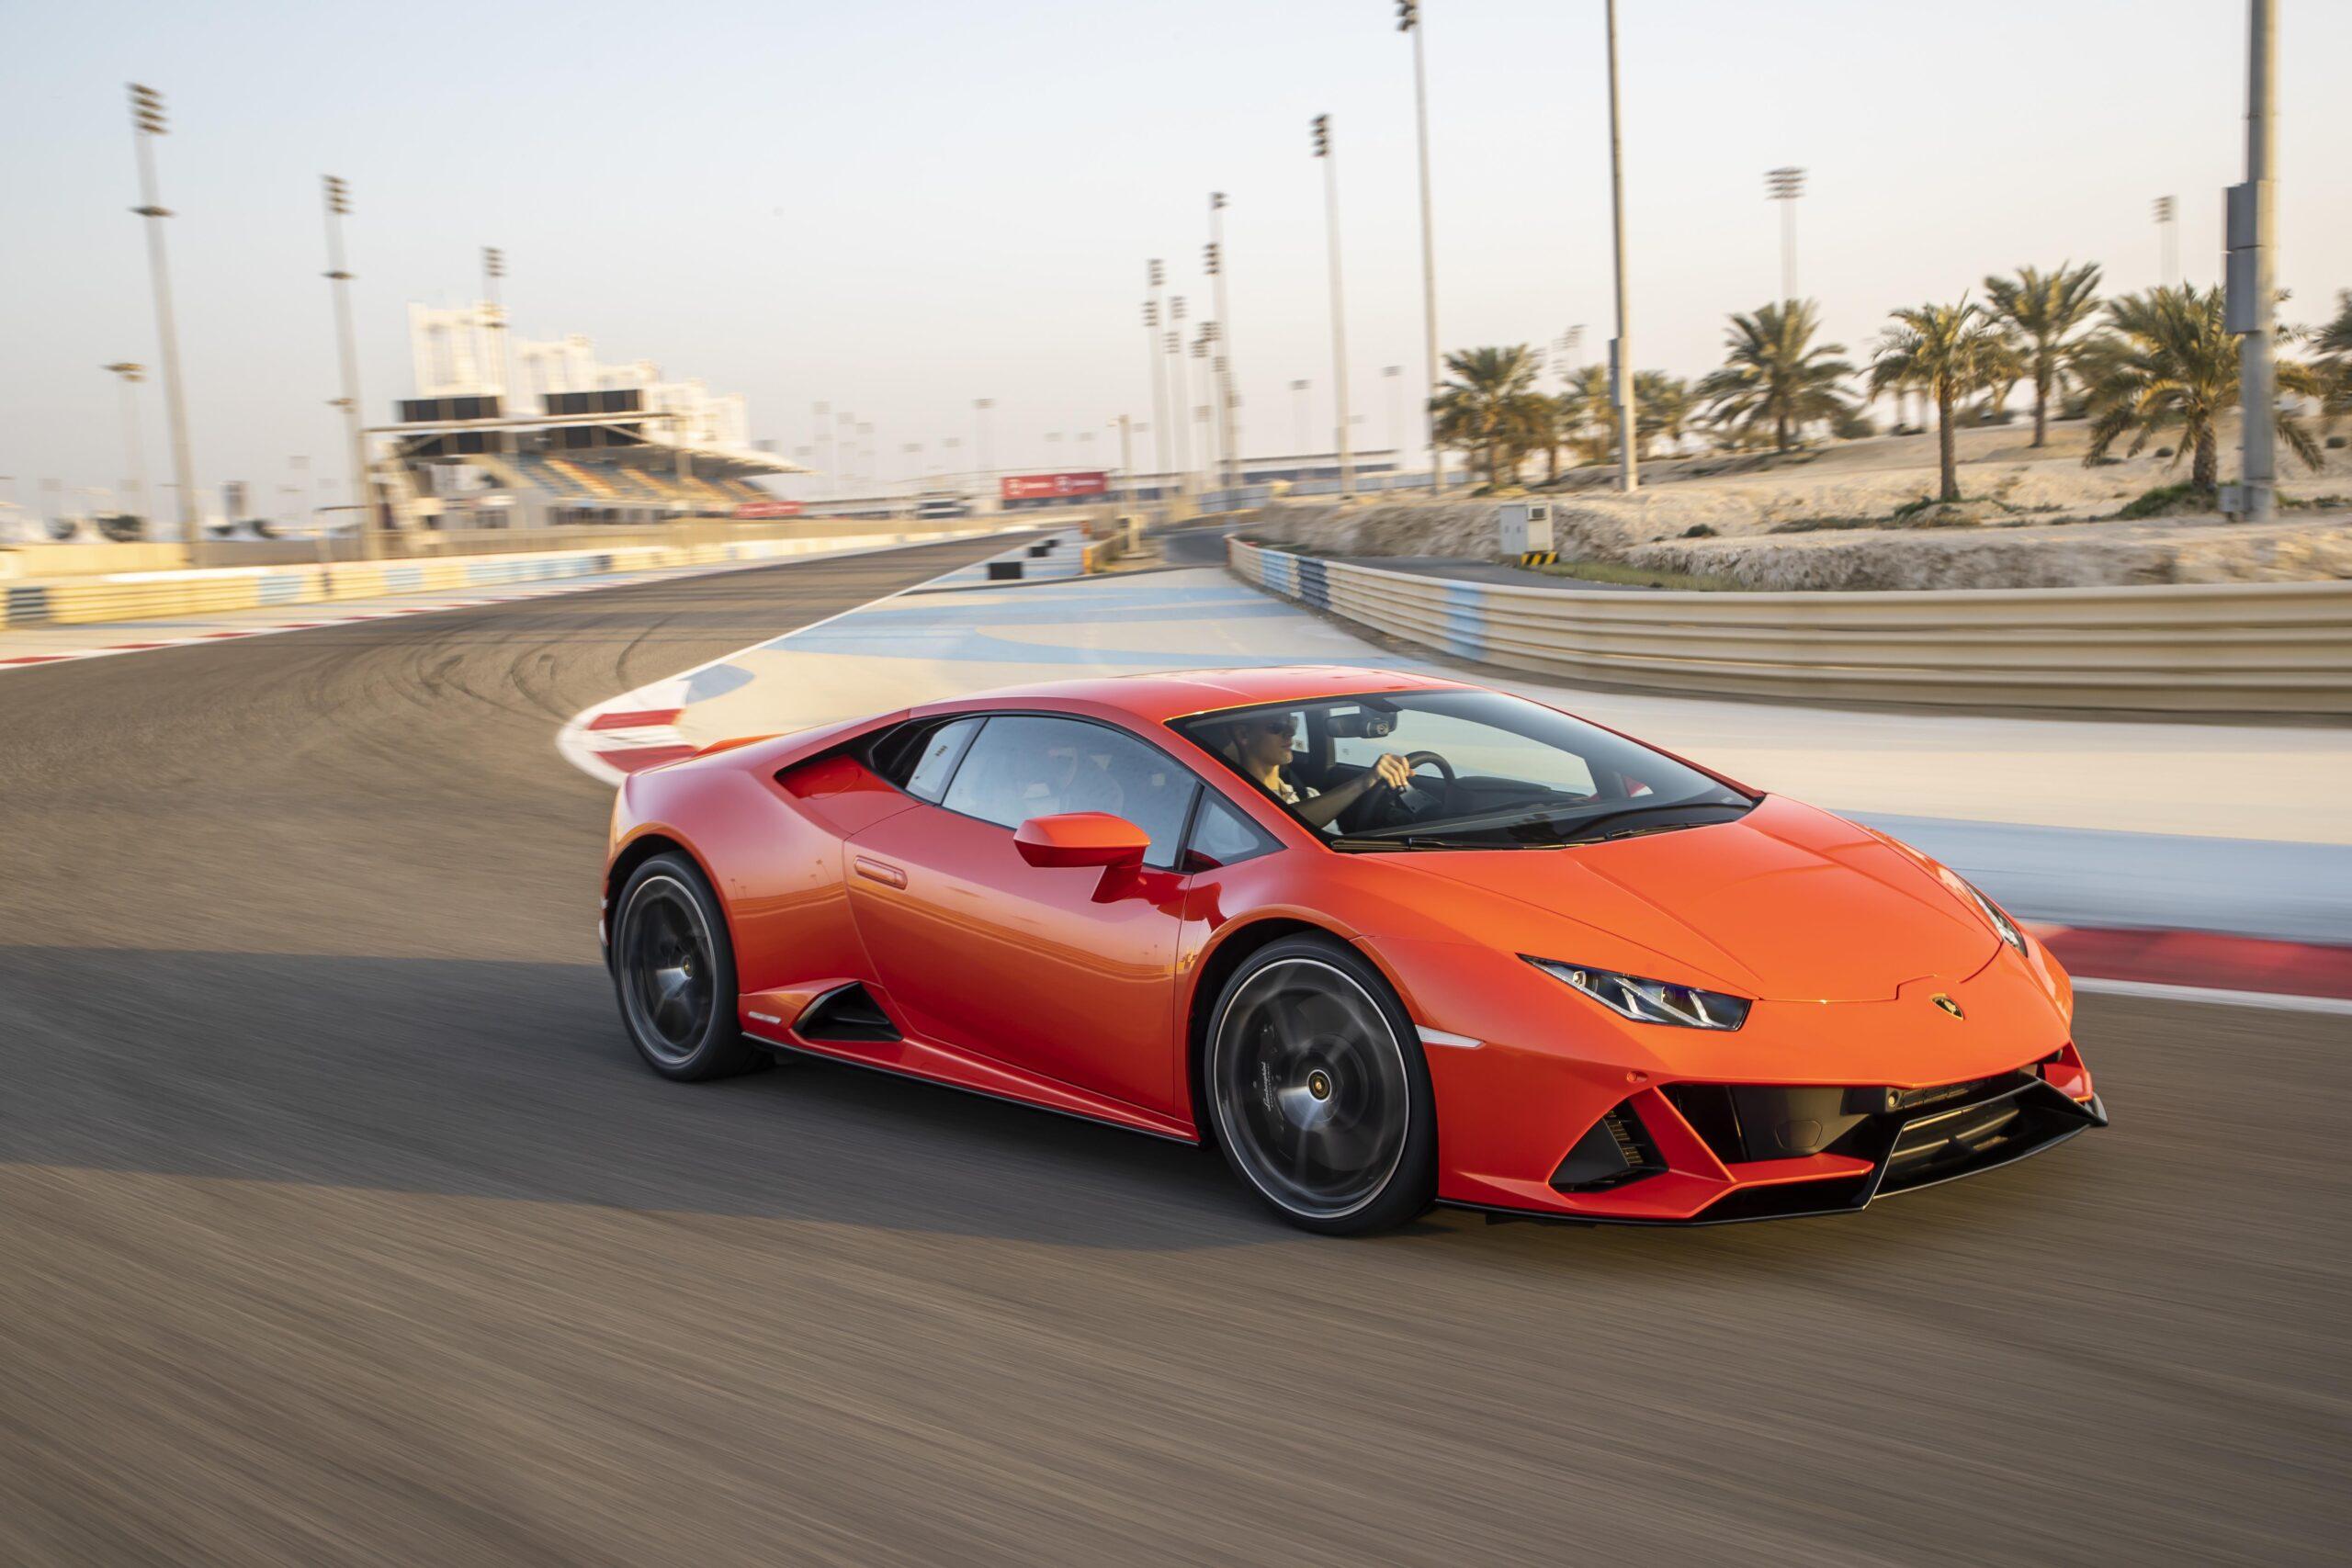 Quanto costa mantenere una Lamborghini Huracan?